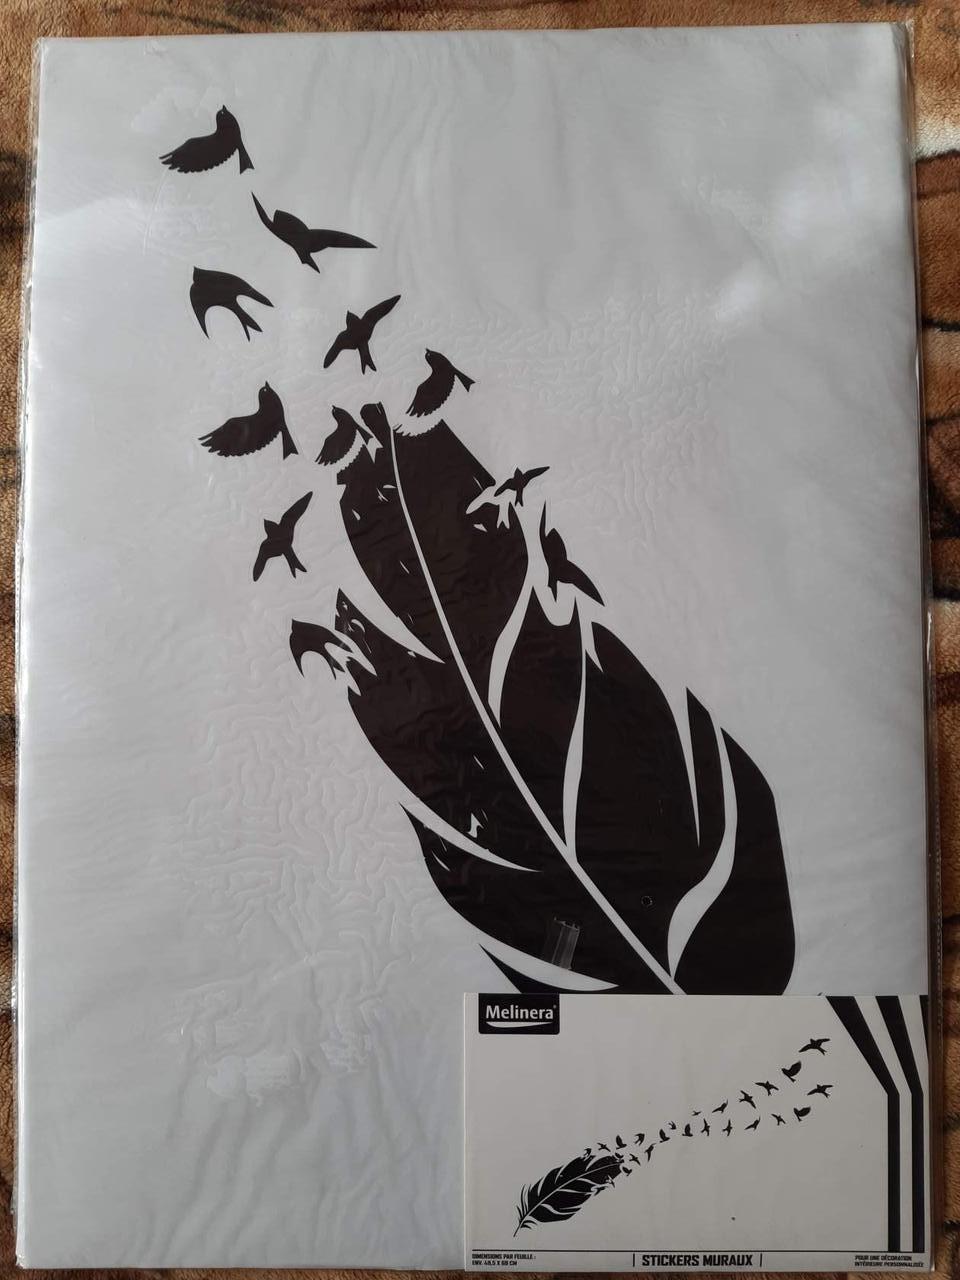 Наклейка настенная Melinera перо/птицы - 69*49,5см